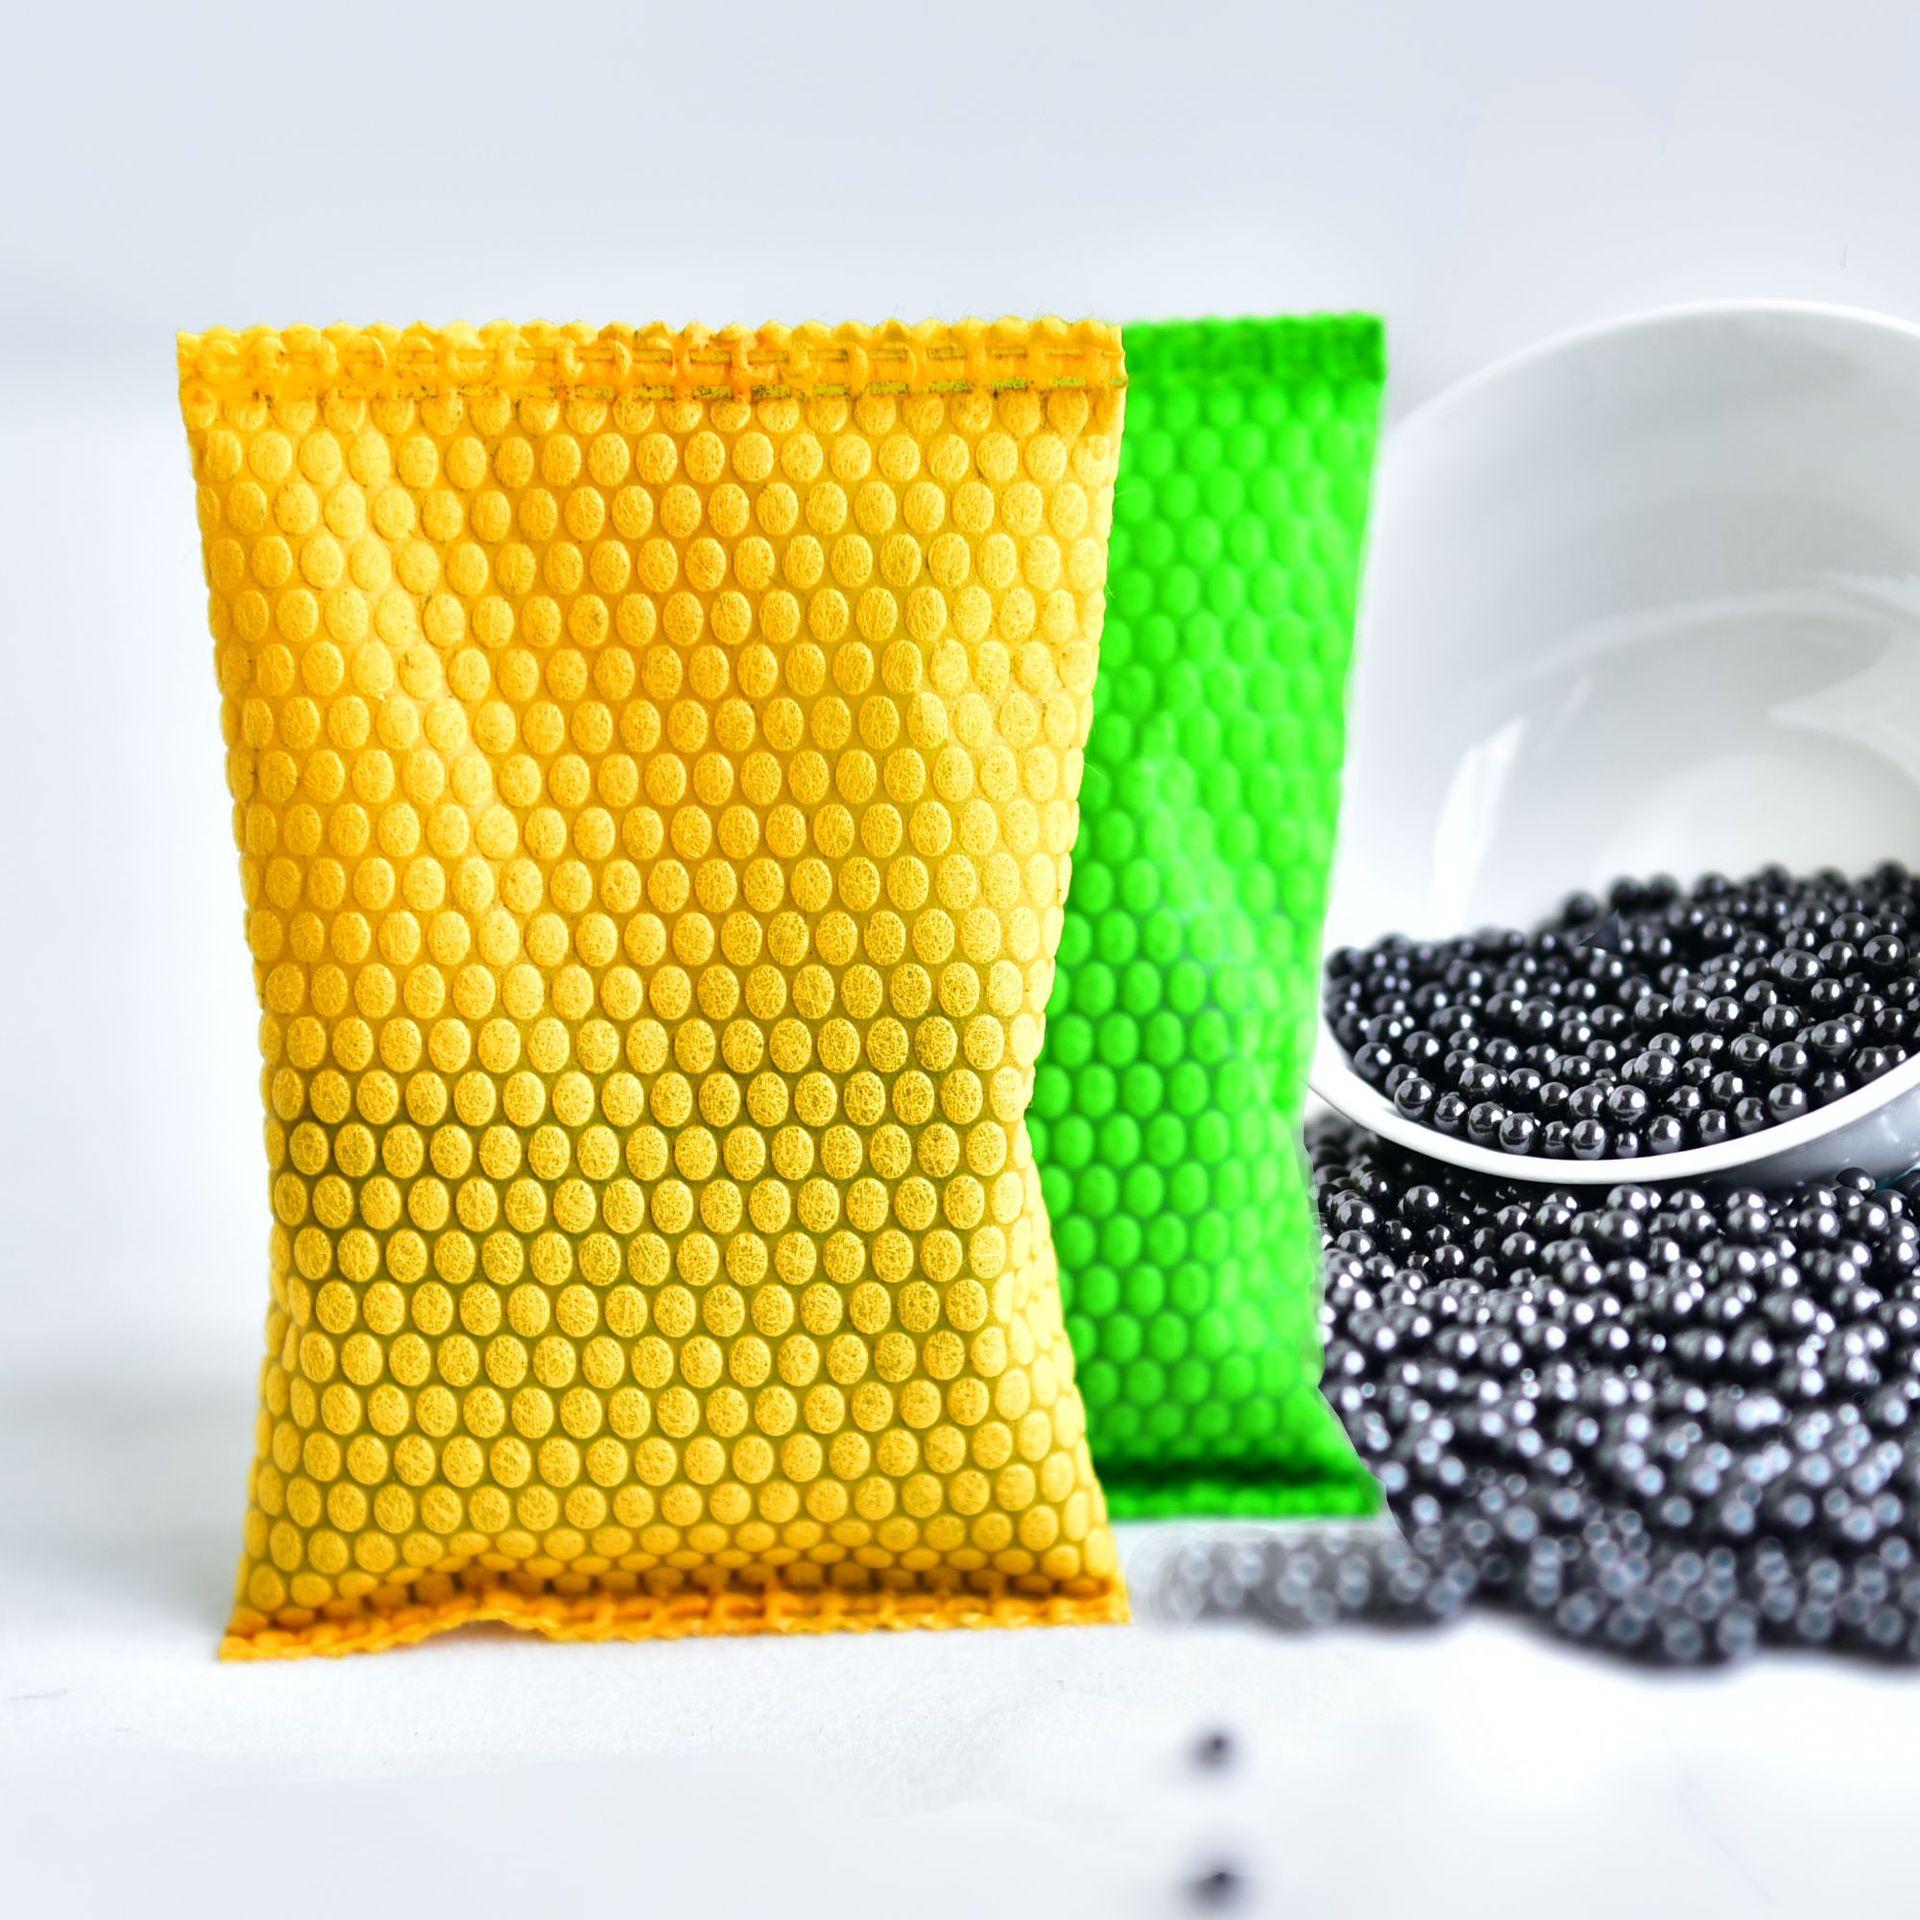 50克納米礦晶活性炭包家用除甲醛竹炭包新房去味去甲醛汽車竹碳包